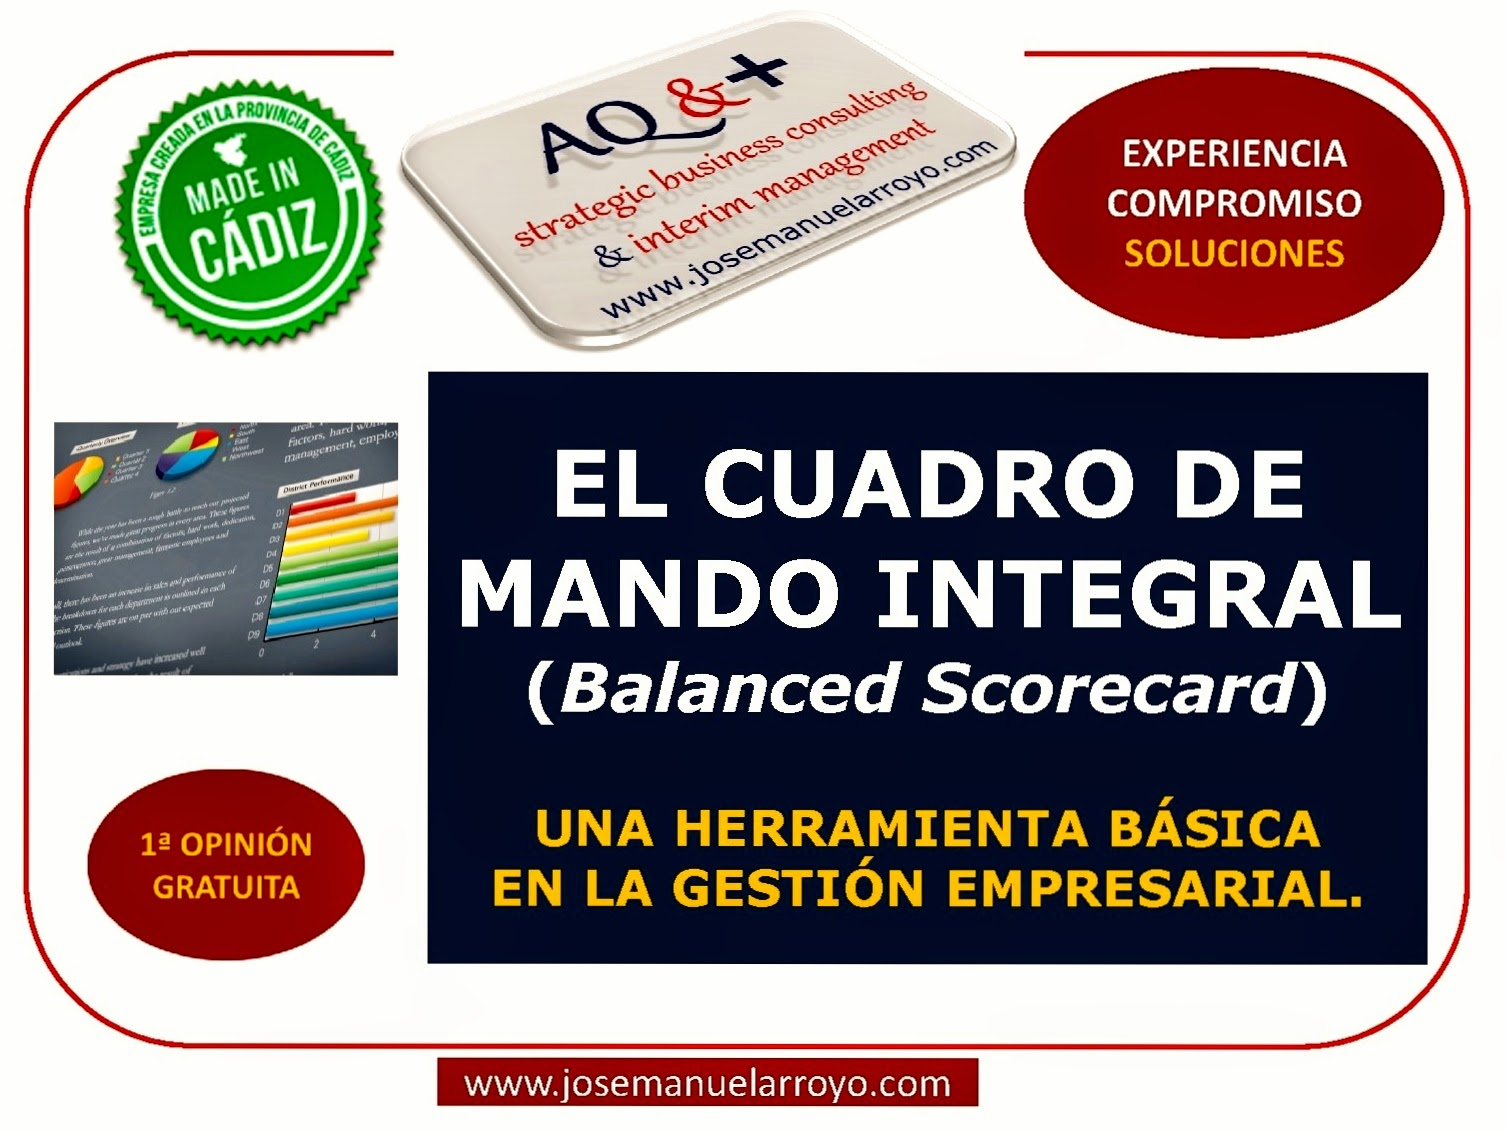 EL CUADRO DE MANDO INTEGRAL. BALANCED SCORECARD